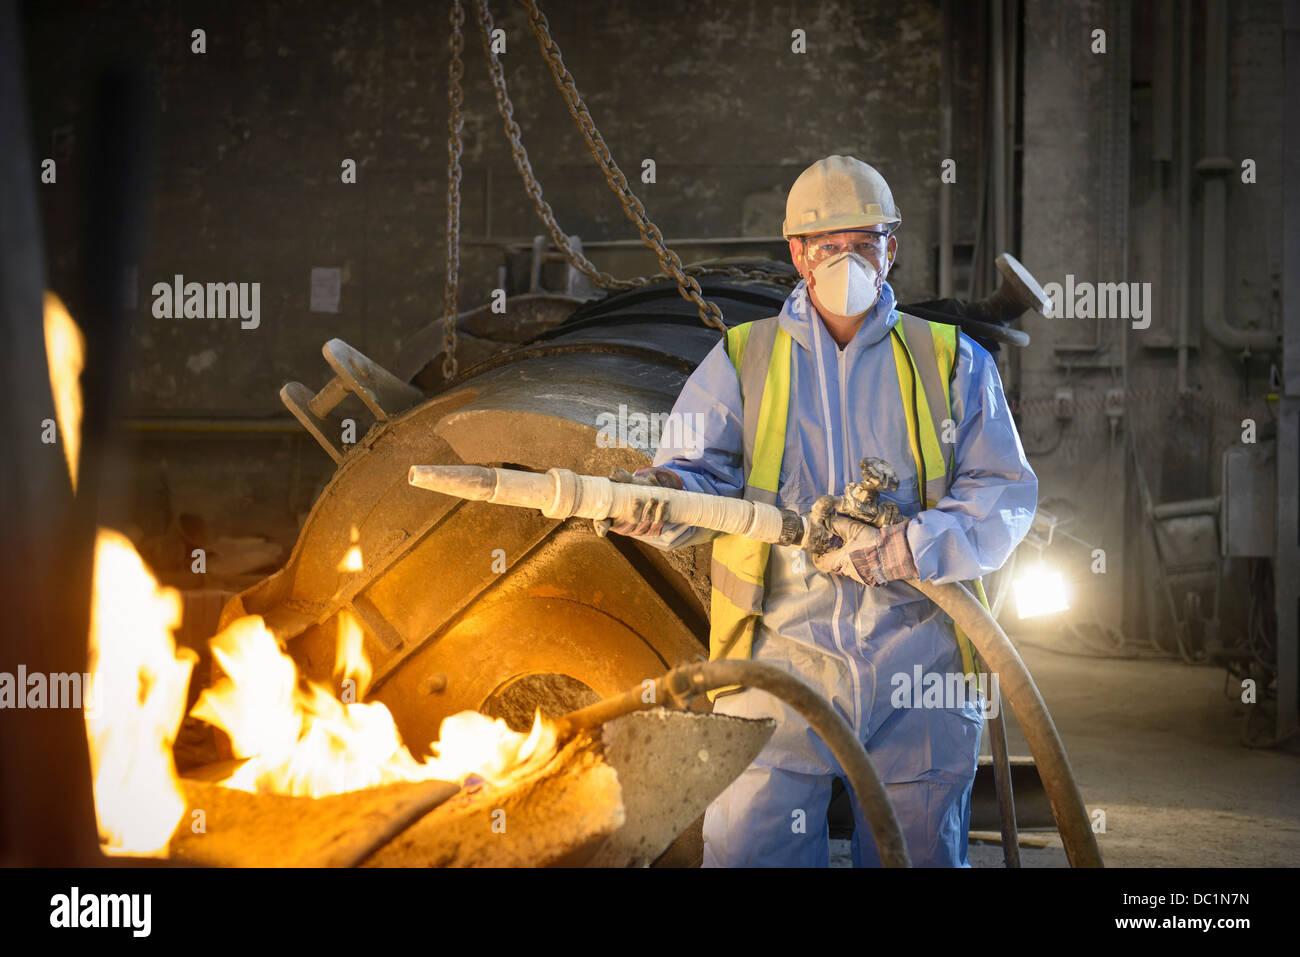 Retrato de explotación del trabajador de acero mangueras industriales en fundición de acero Foto de stock